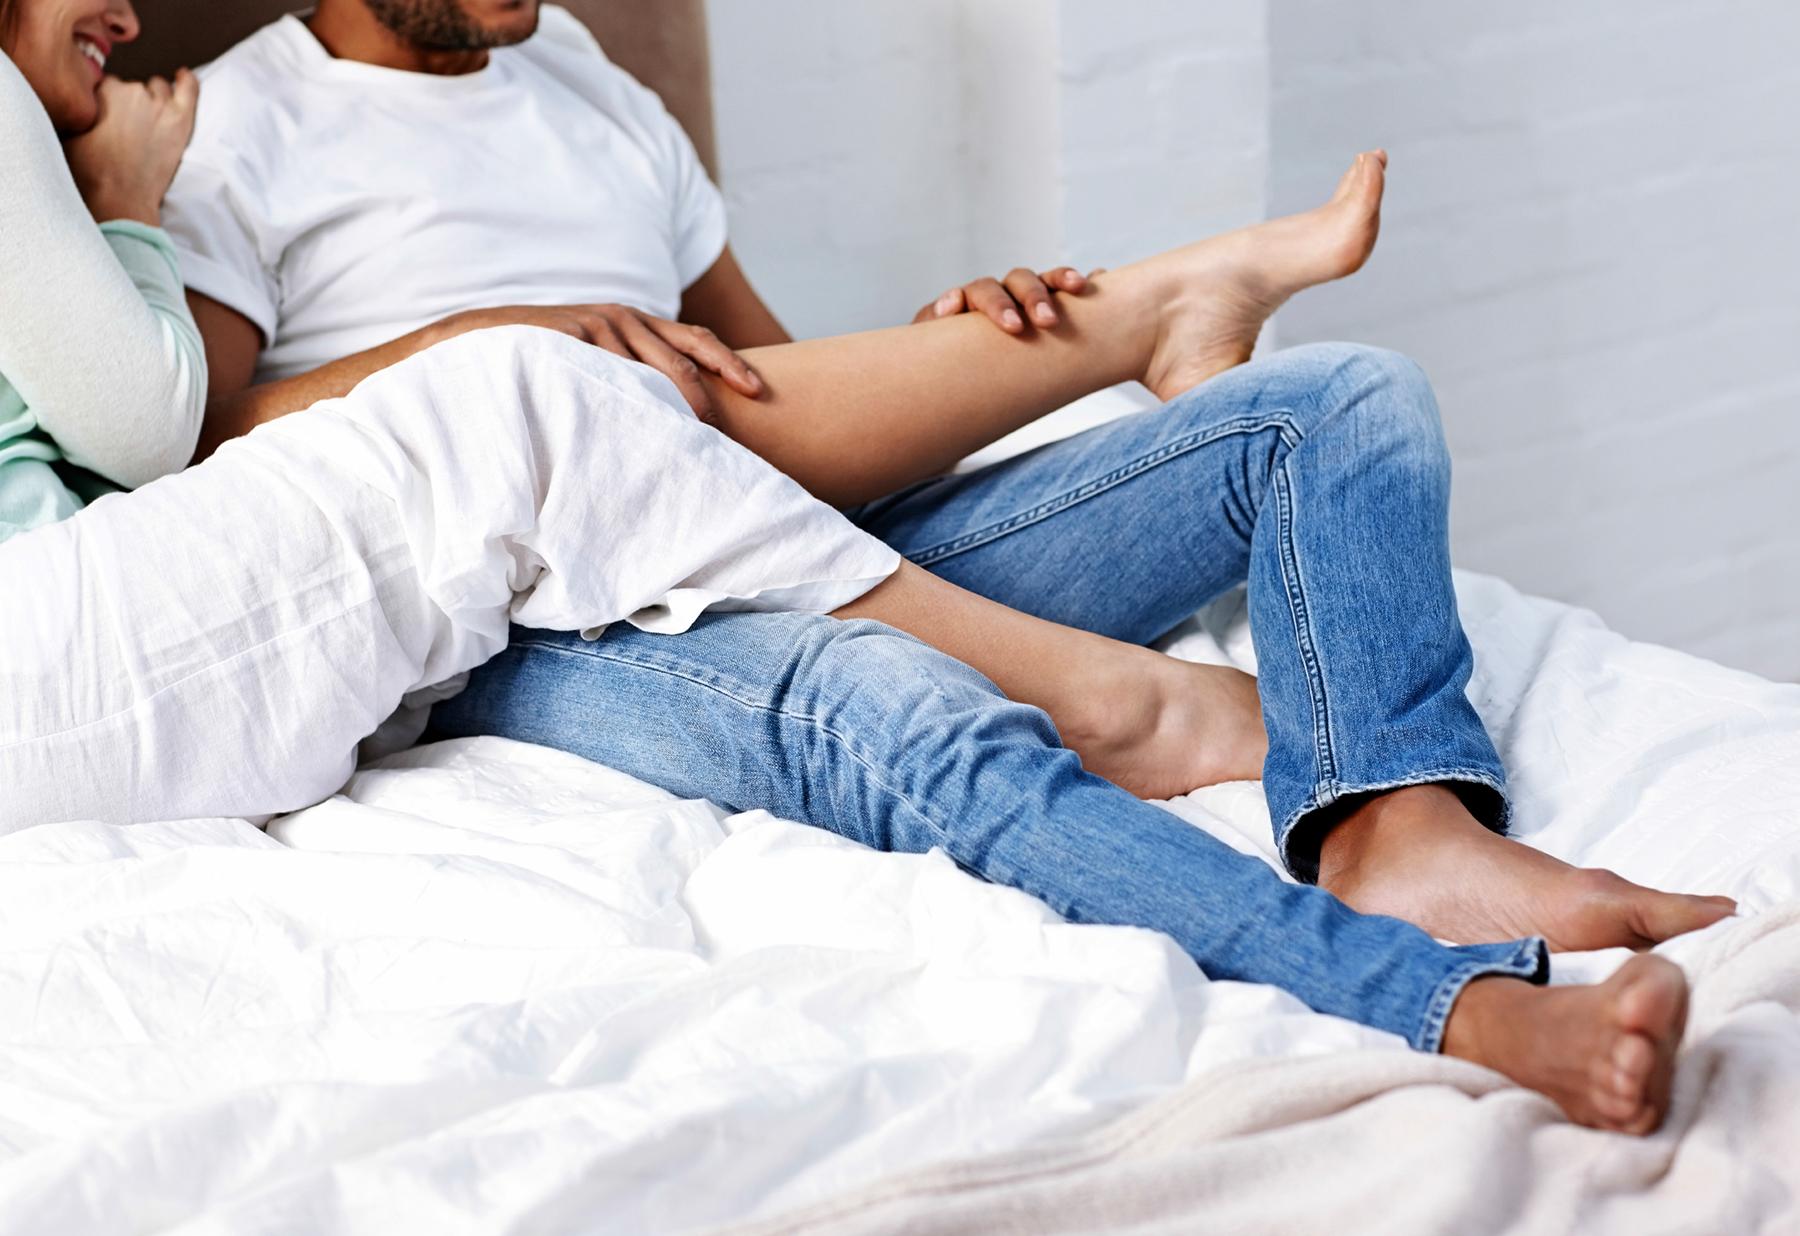 सर्वे में बड़ा ख़ुलासा: पीरियड के दिनों में यौन संबंध बनाने से होते हैं 3 जबरदस्त फायदे, जानकर हो जायेंगे खुश